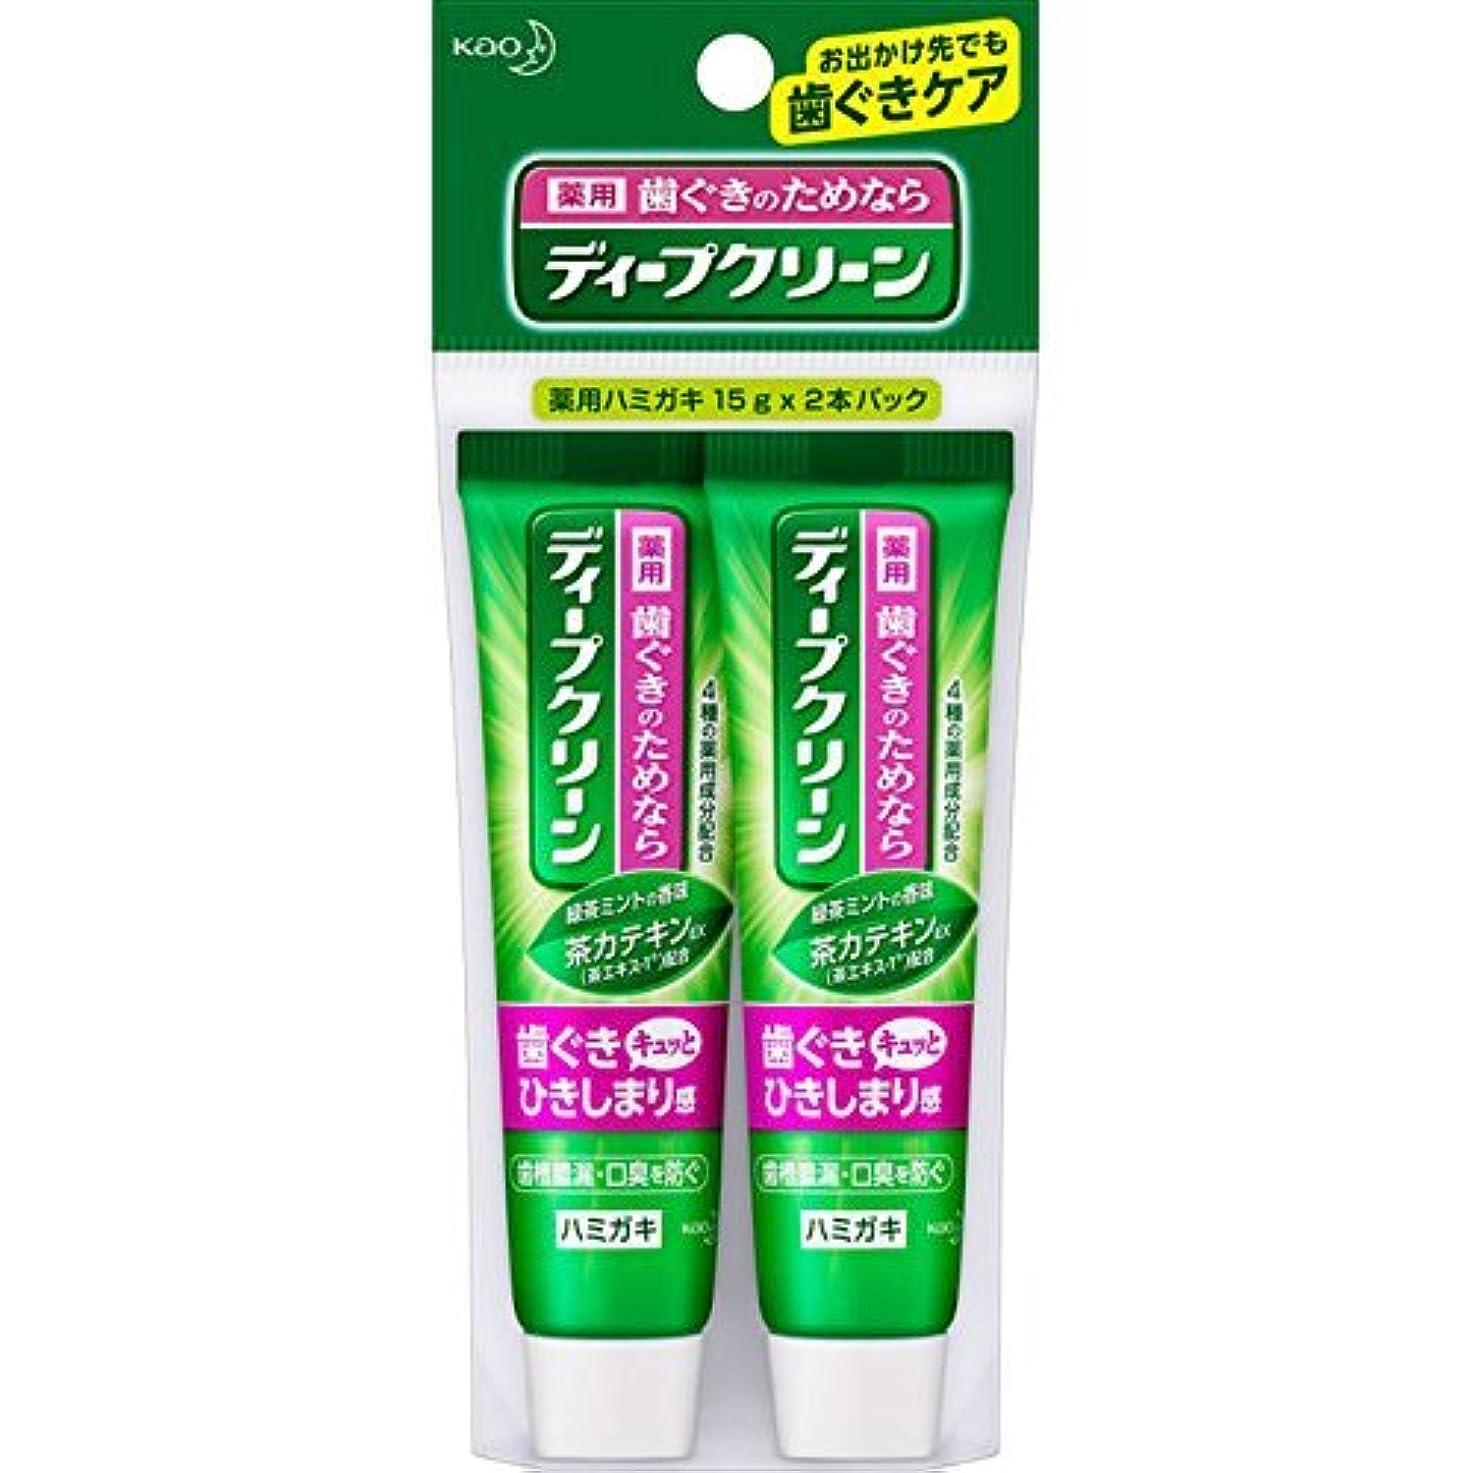 回るメキシコ販売員花王 ディープクリーン 薬用ハミガキ ミニ 30g (医薬部外品)